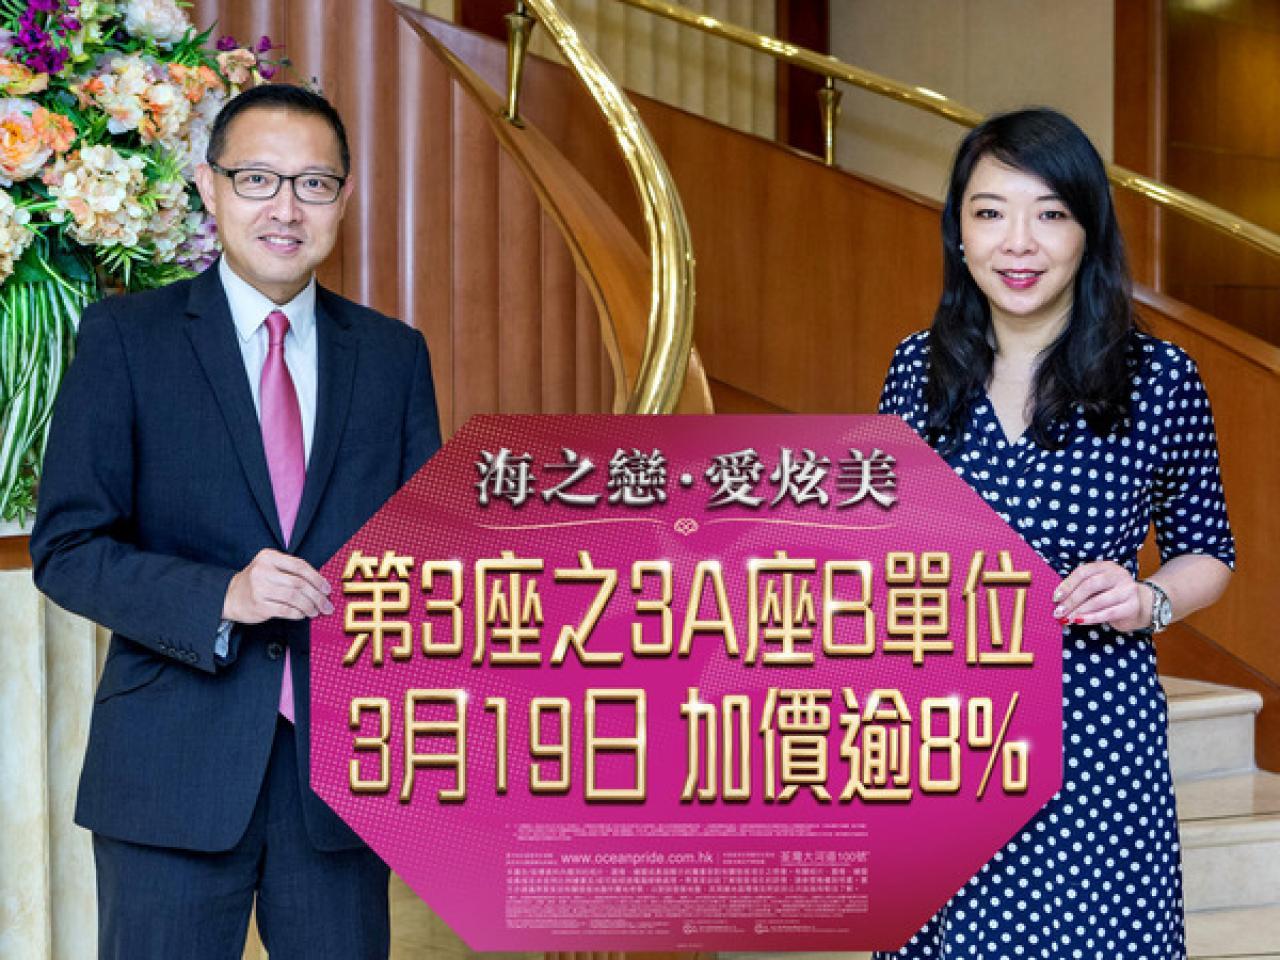 香港荃湾海之恋爱炫美3月19日起全面调升逾8%